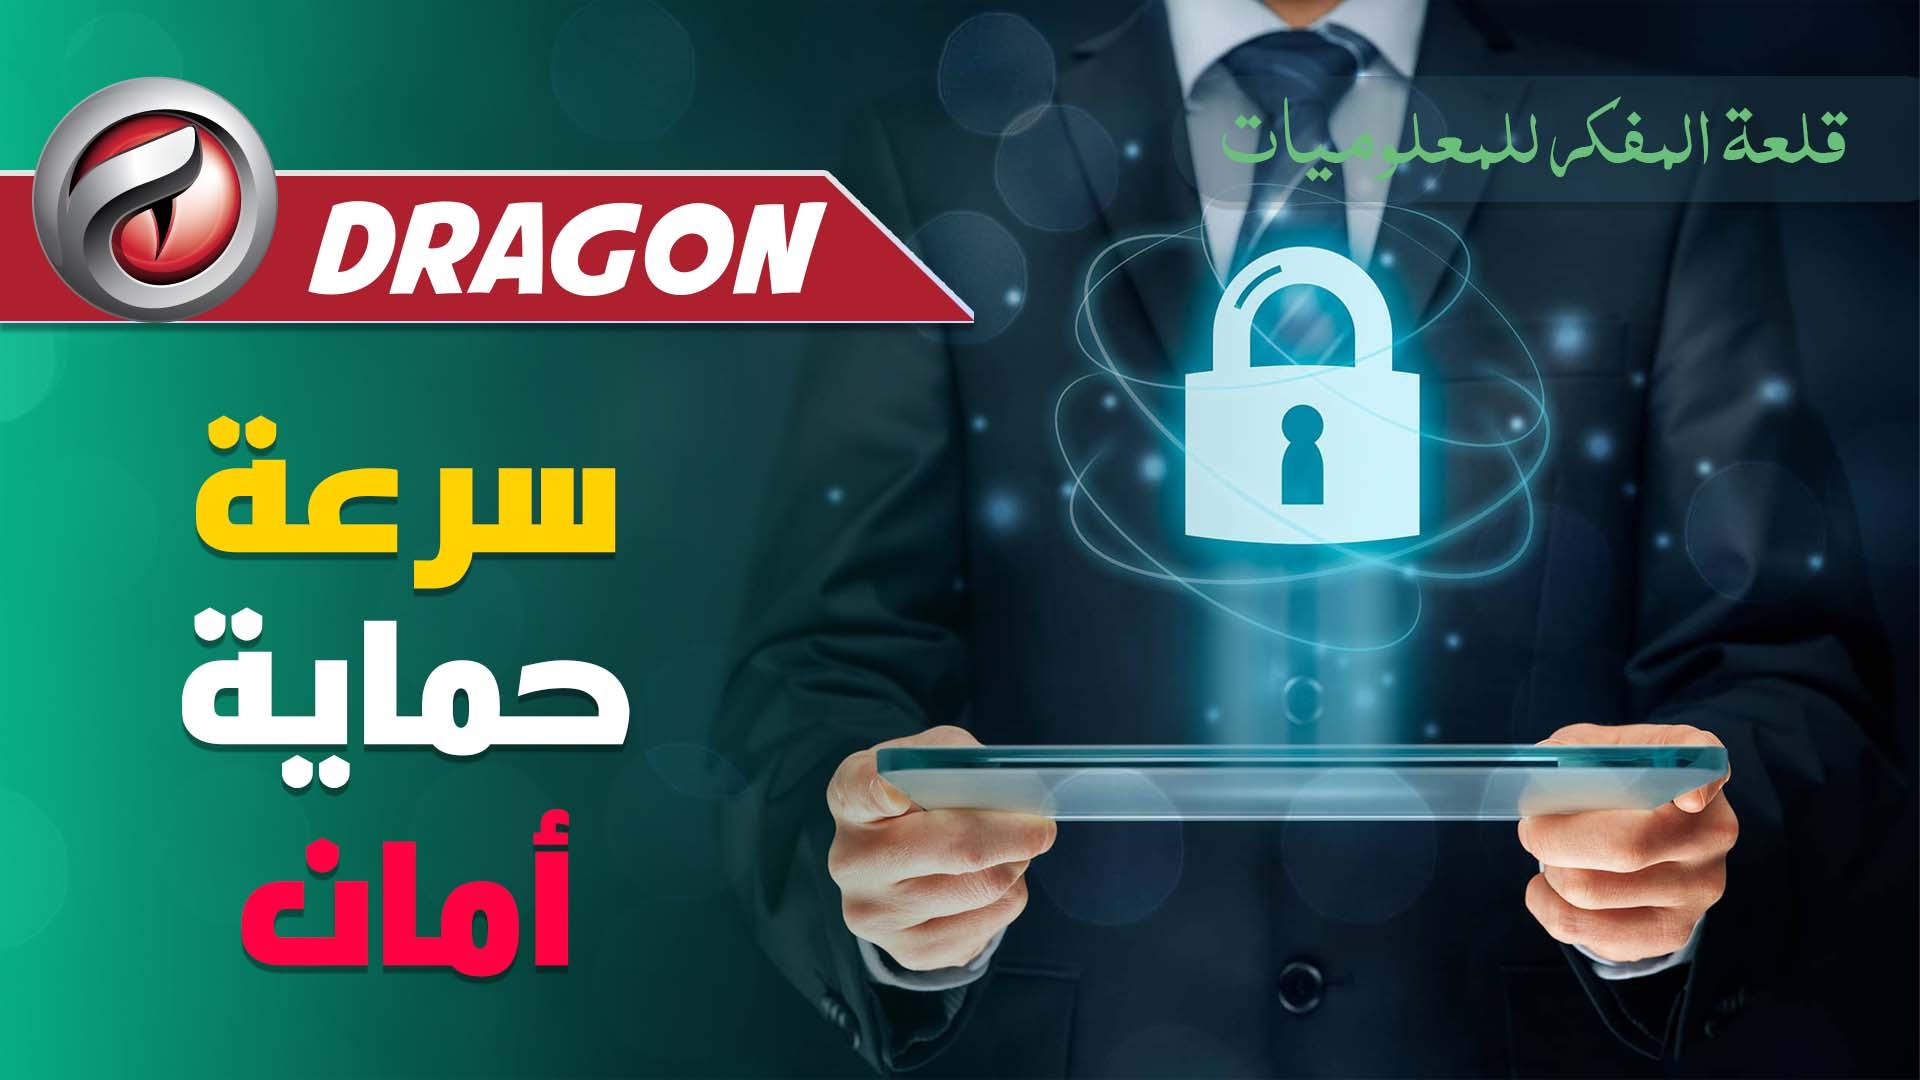 كيفية تحميل وتثبيت متصفح Comodo Dragon عملاق التصفح والحماية وشرح ميزاته العملاقه Download Comodo Dragon browser